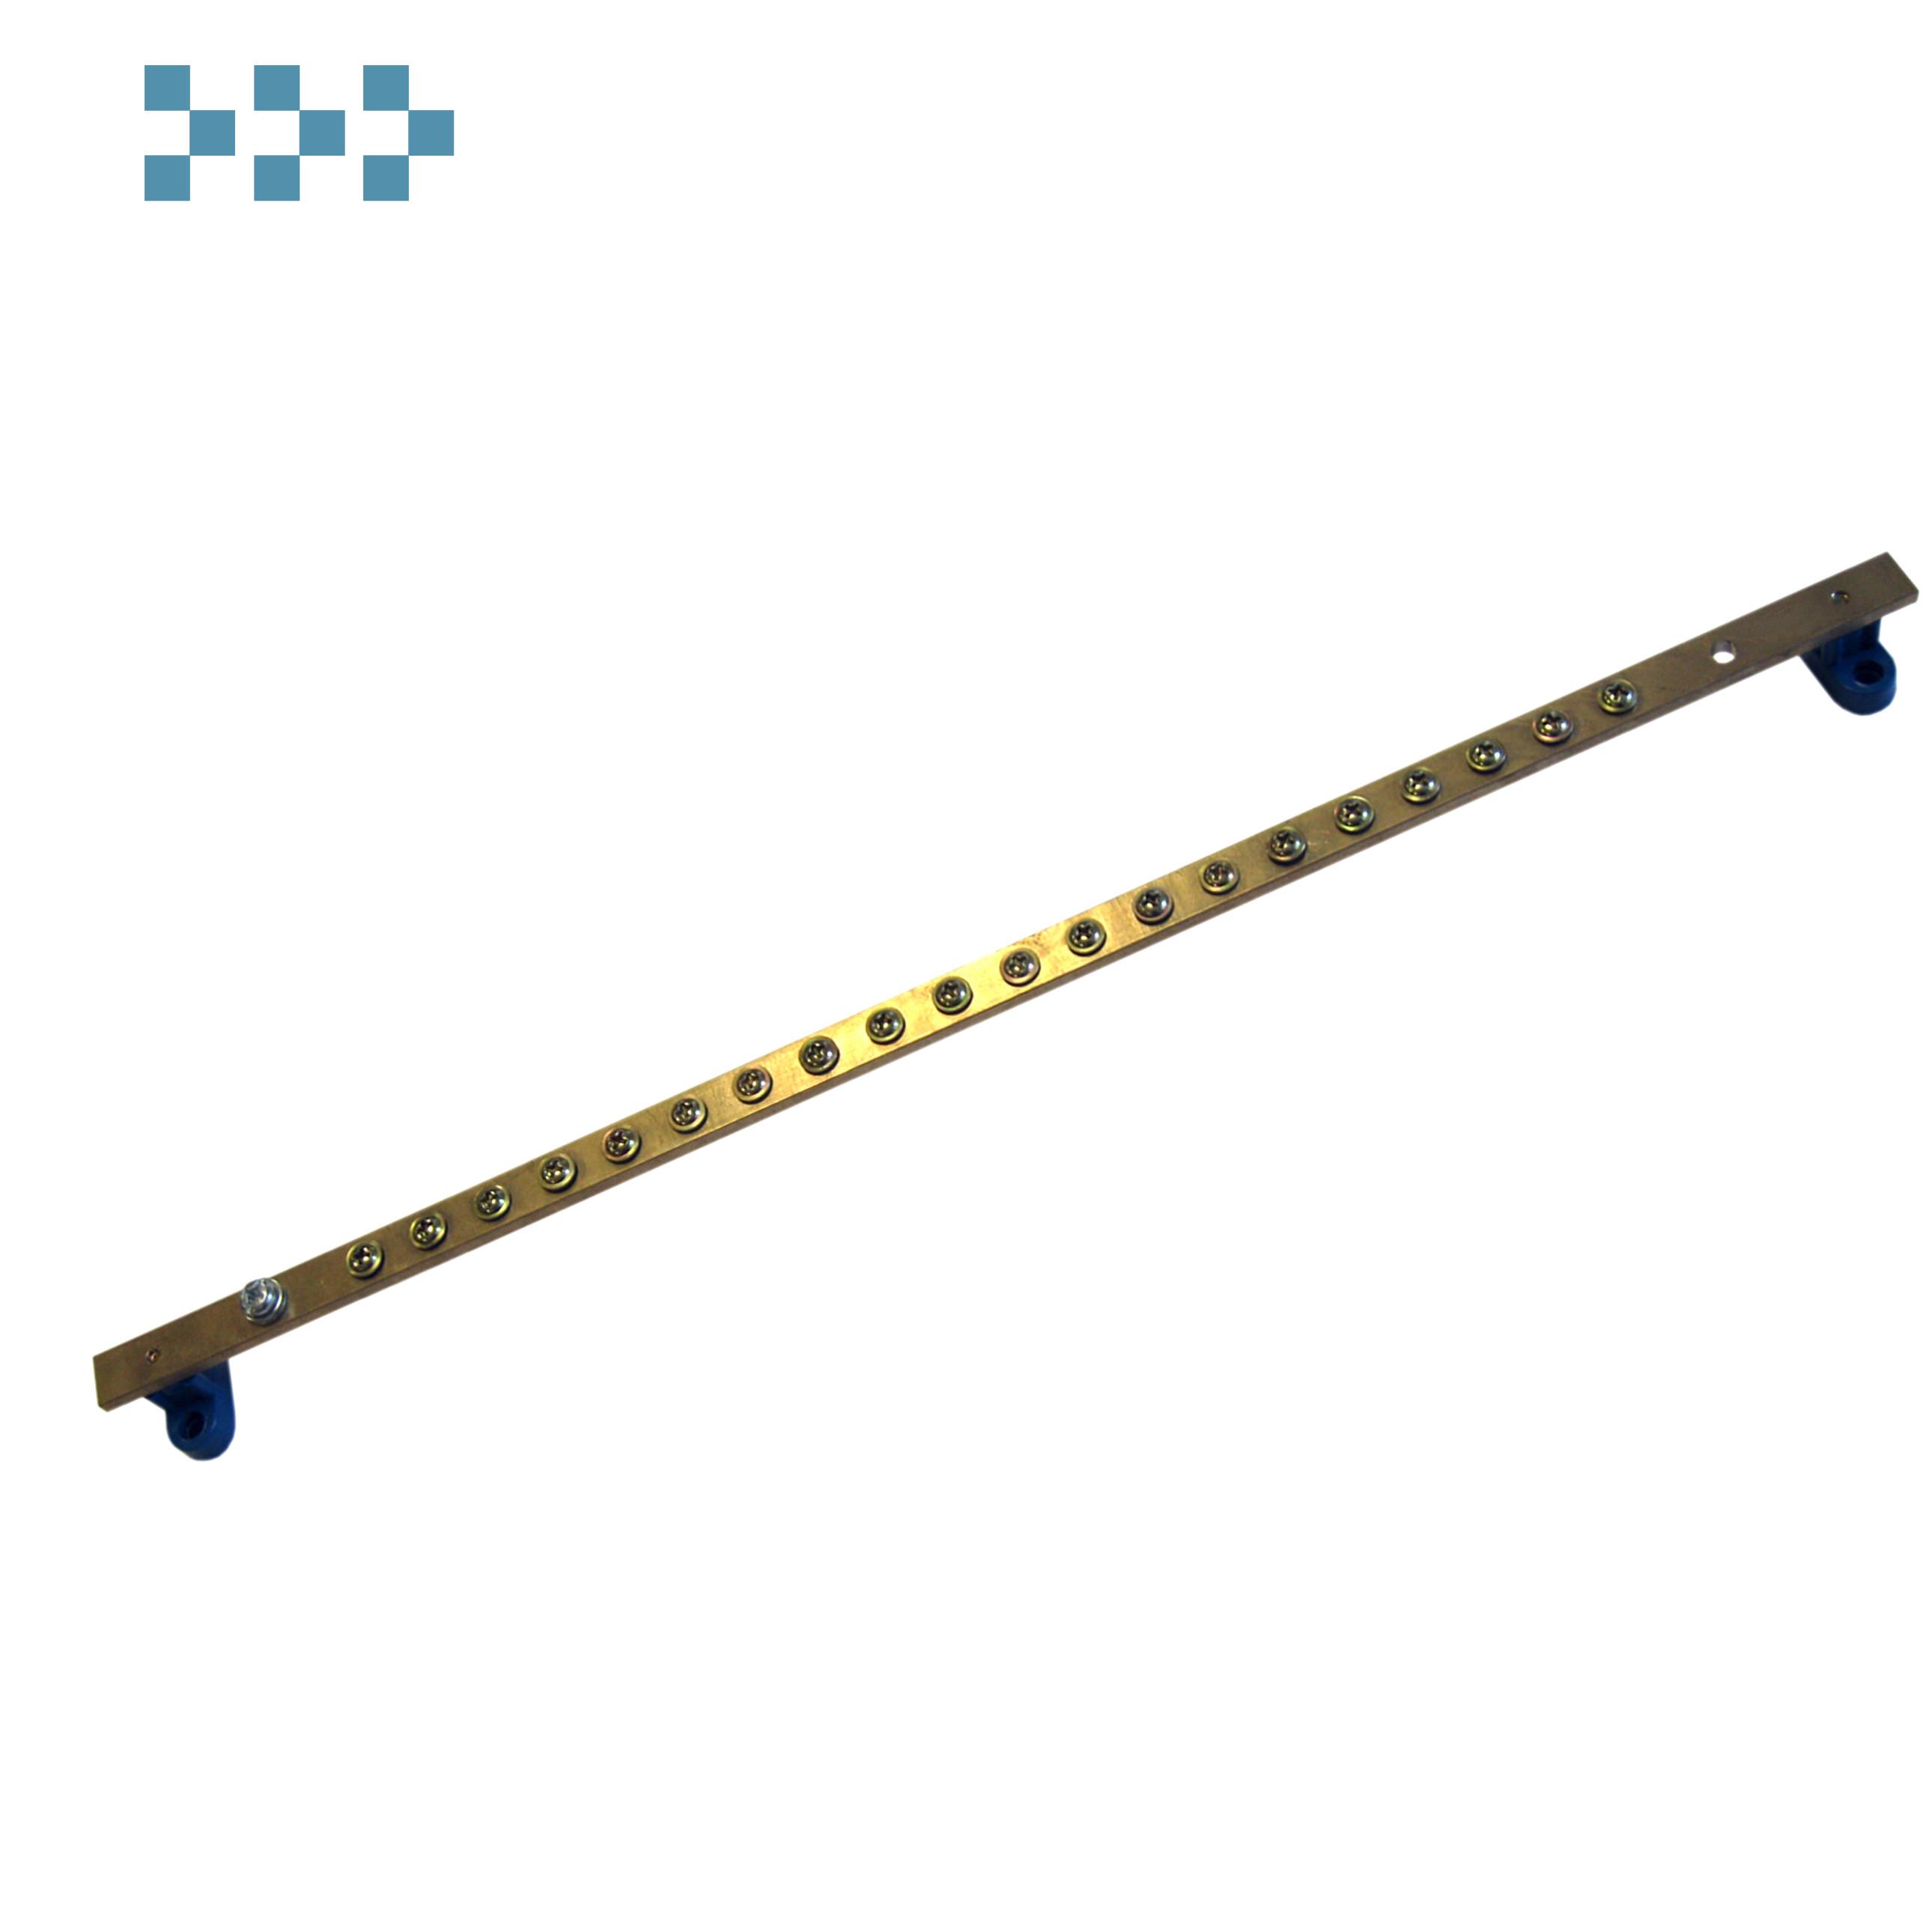 Панель заземления ЦМО ПЗ-19-500.200А